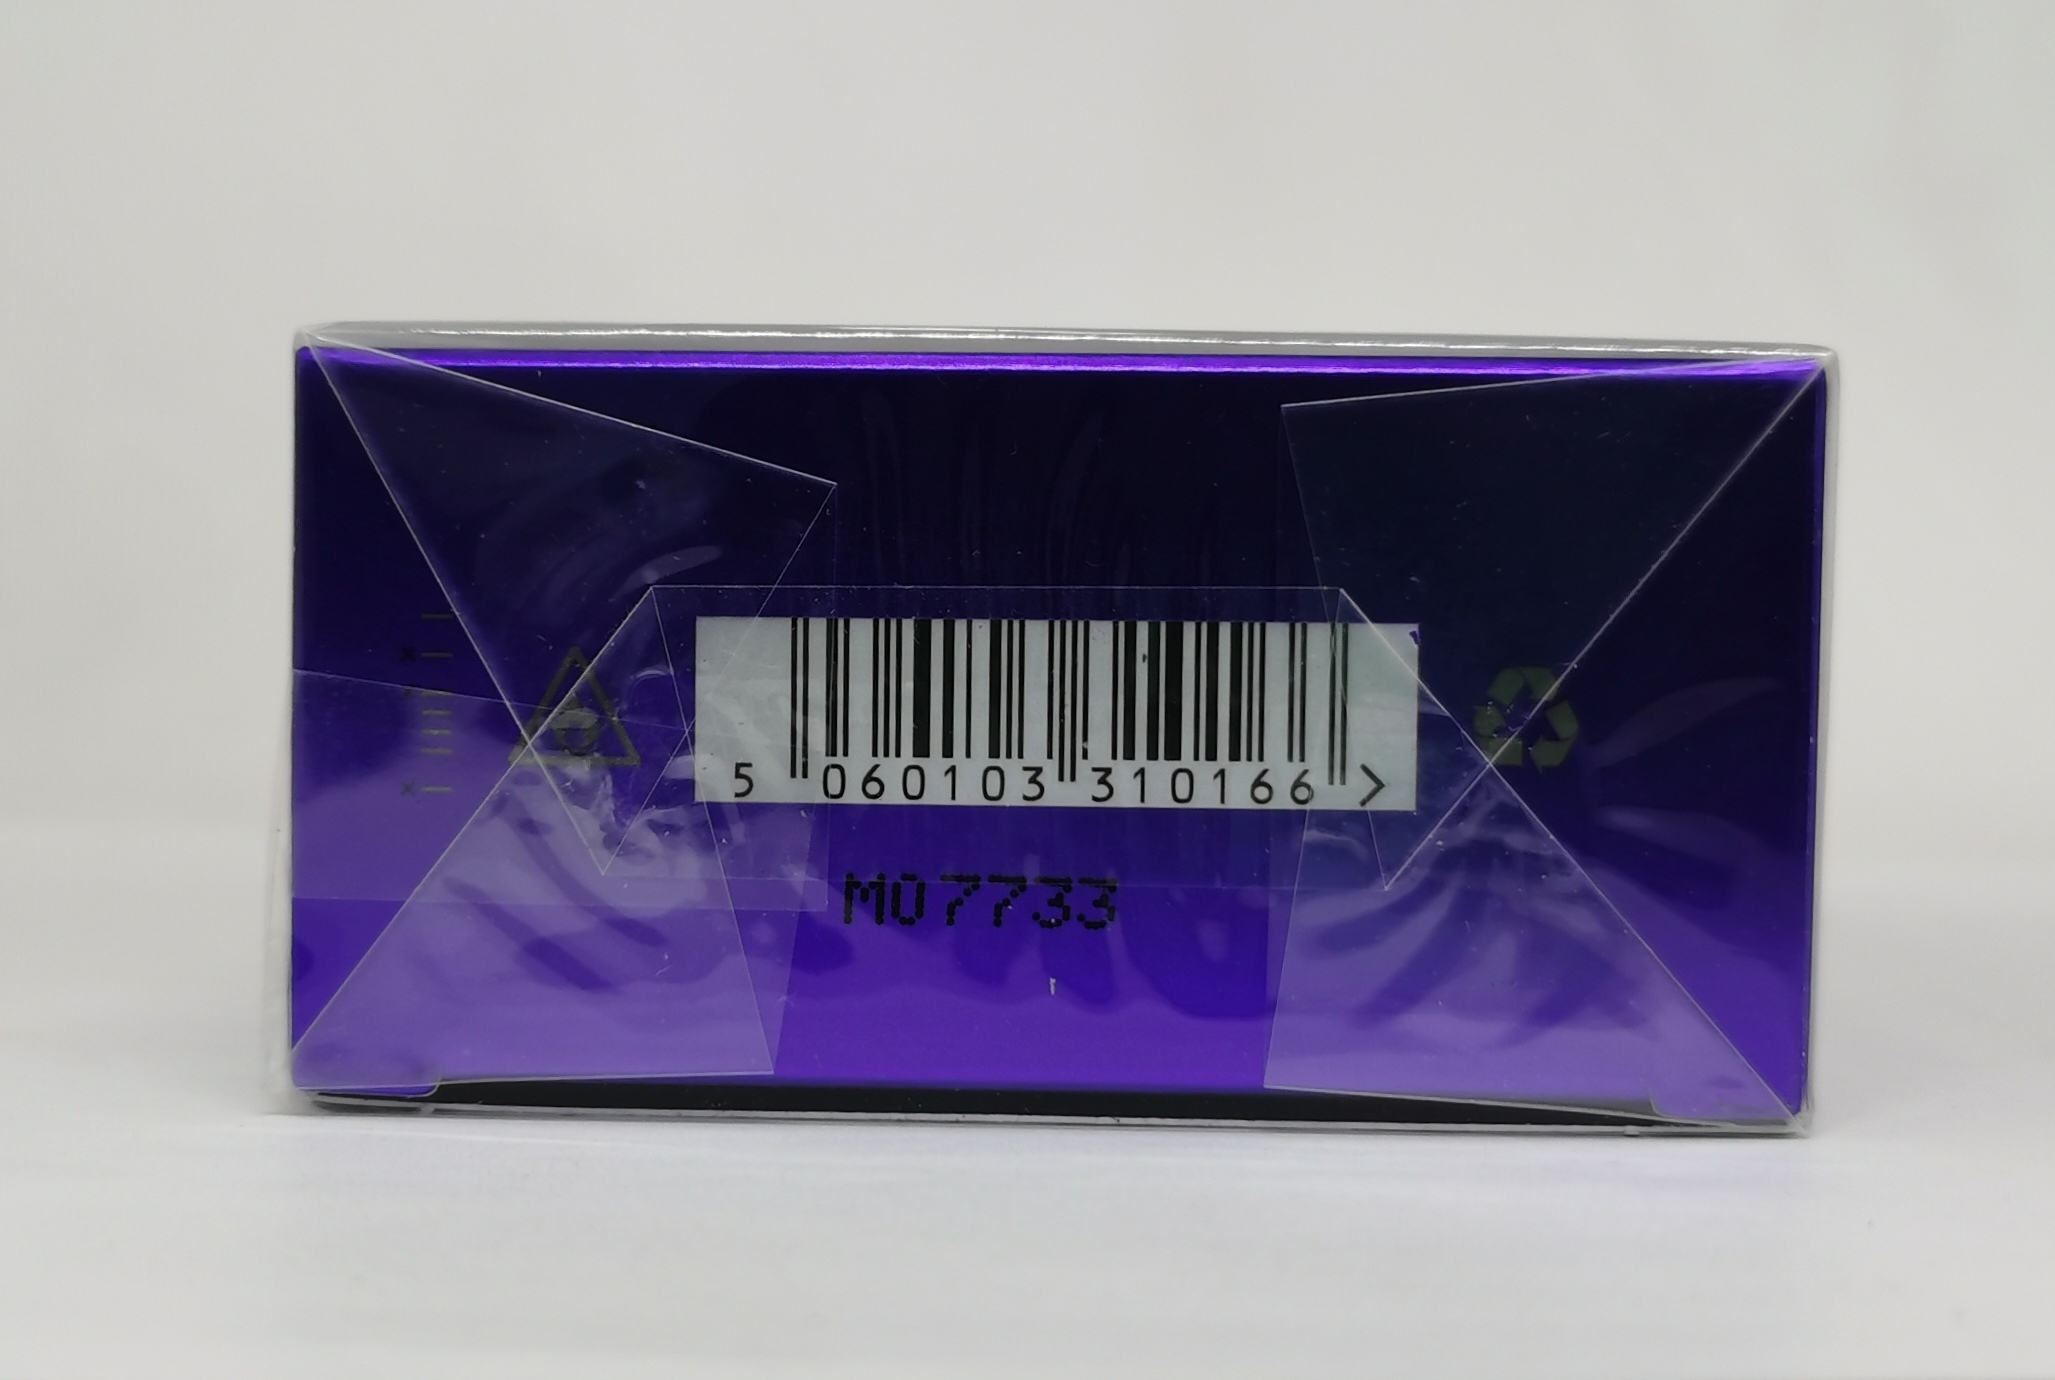 Гель для душа 200 мл Escentric Molecules Escentric 01 - фото штрих-кода и батч-кода на коробке